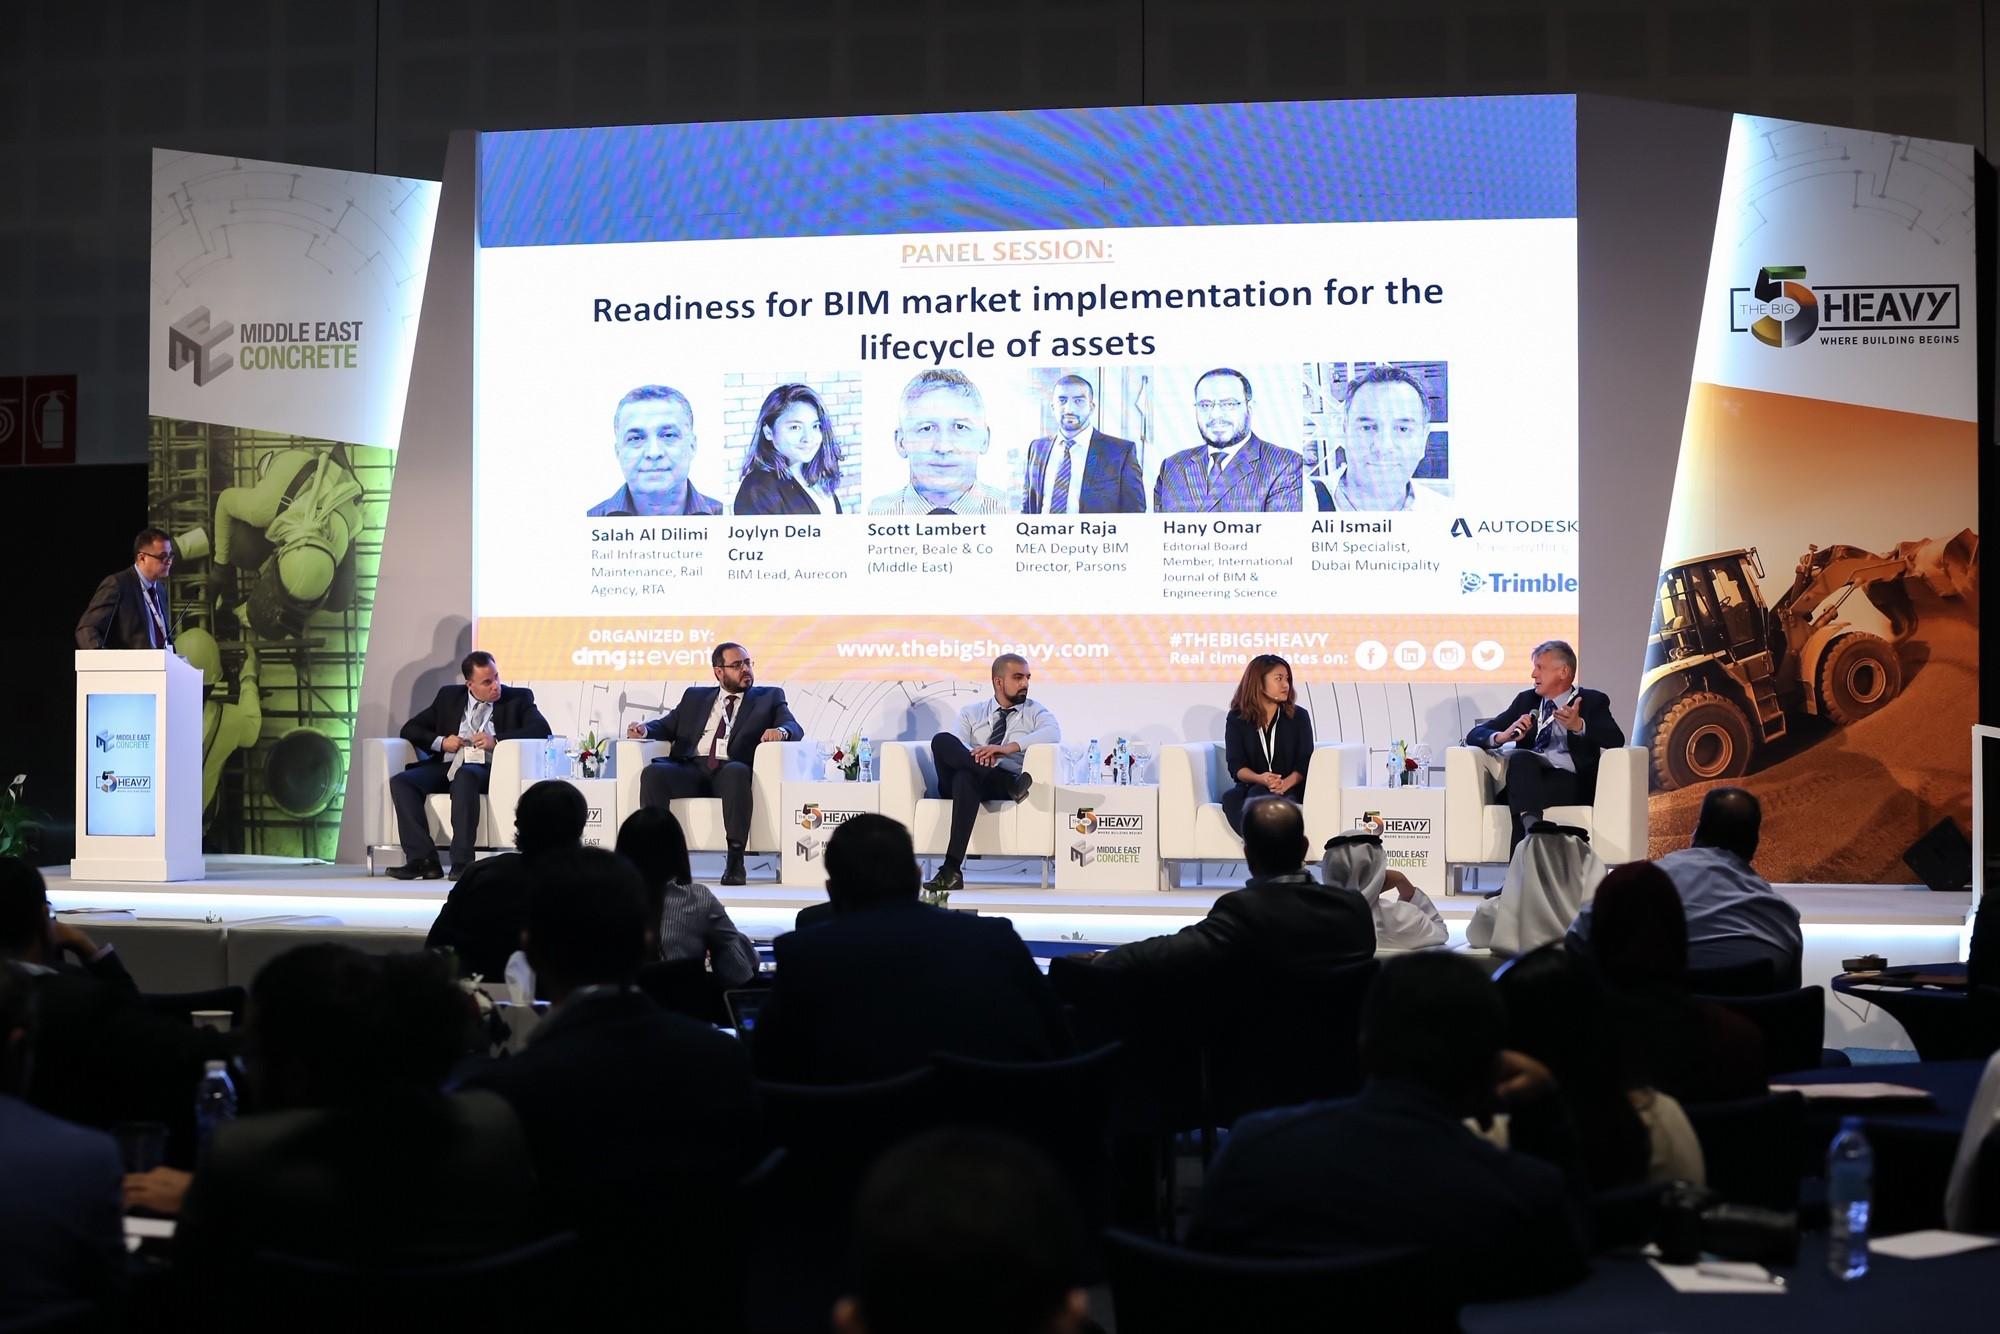 مشاركة المركز في معرض الخمسة الكبار الدولي نوفمبر 2019